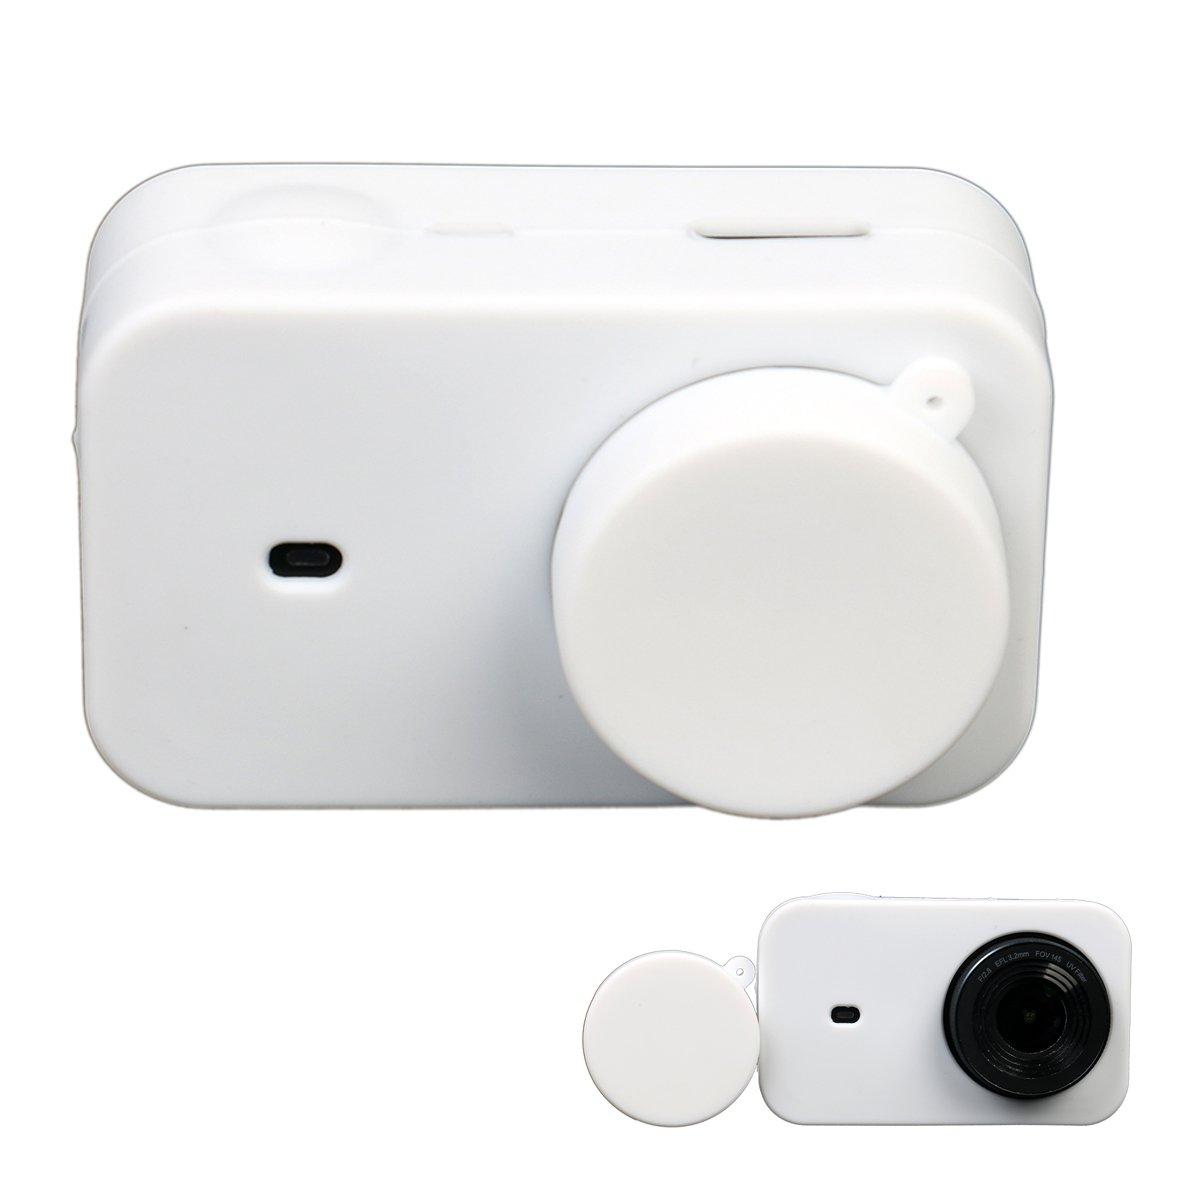 Flycoo - Funda de silicona con tapa para cámara Xiaomi MIJIA 4K Mini